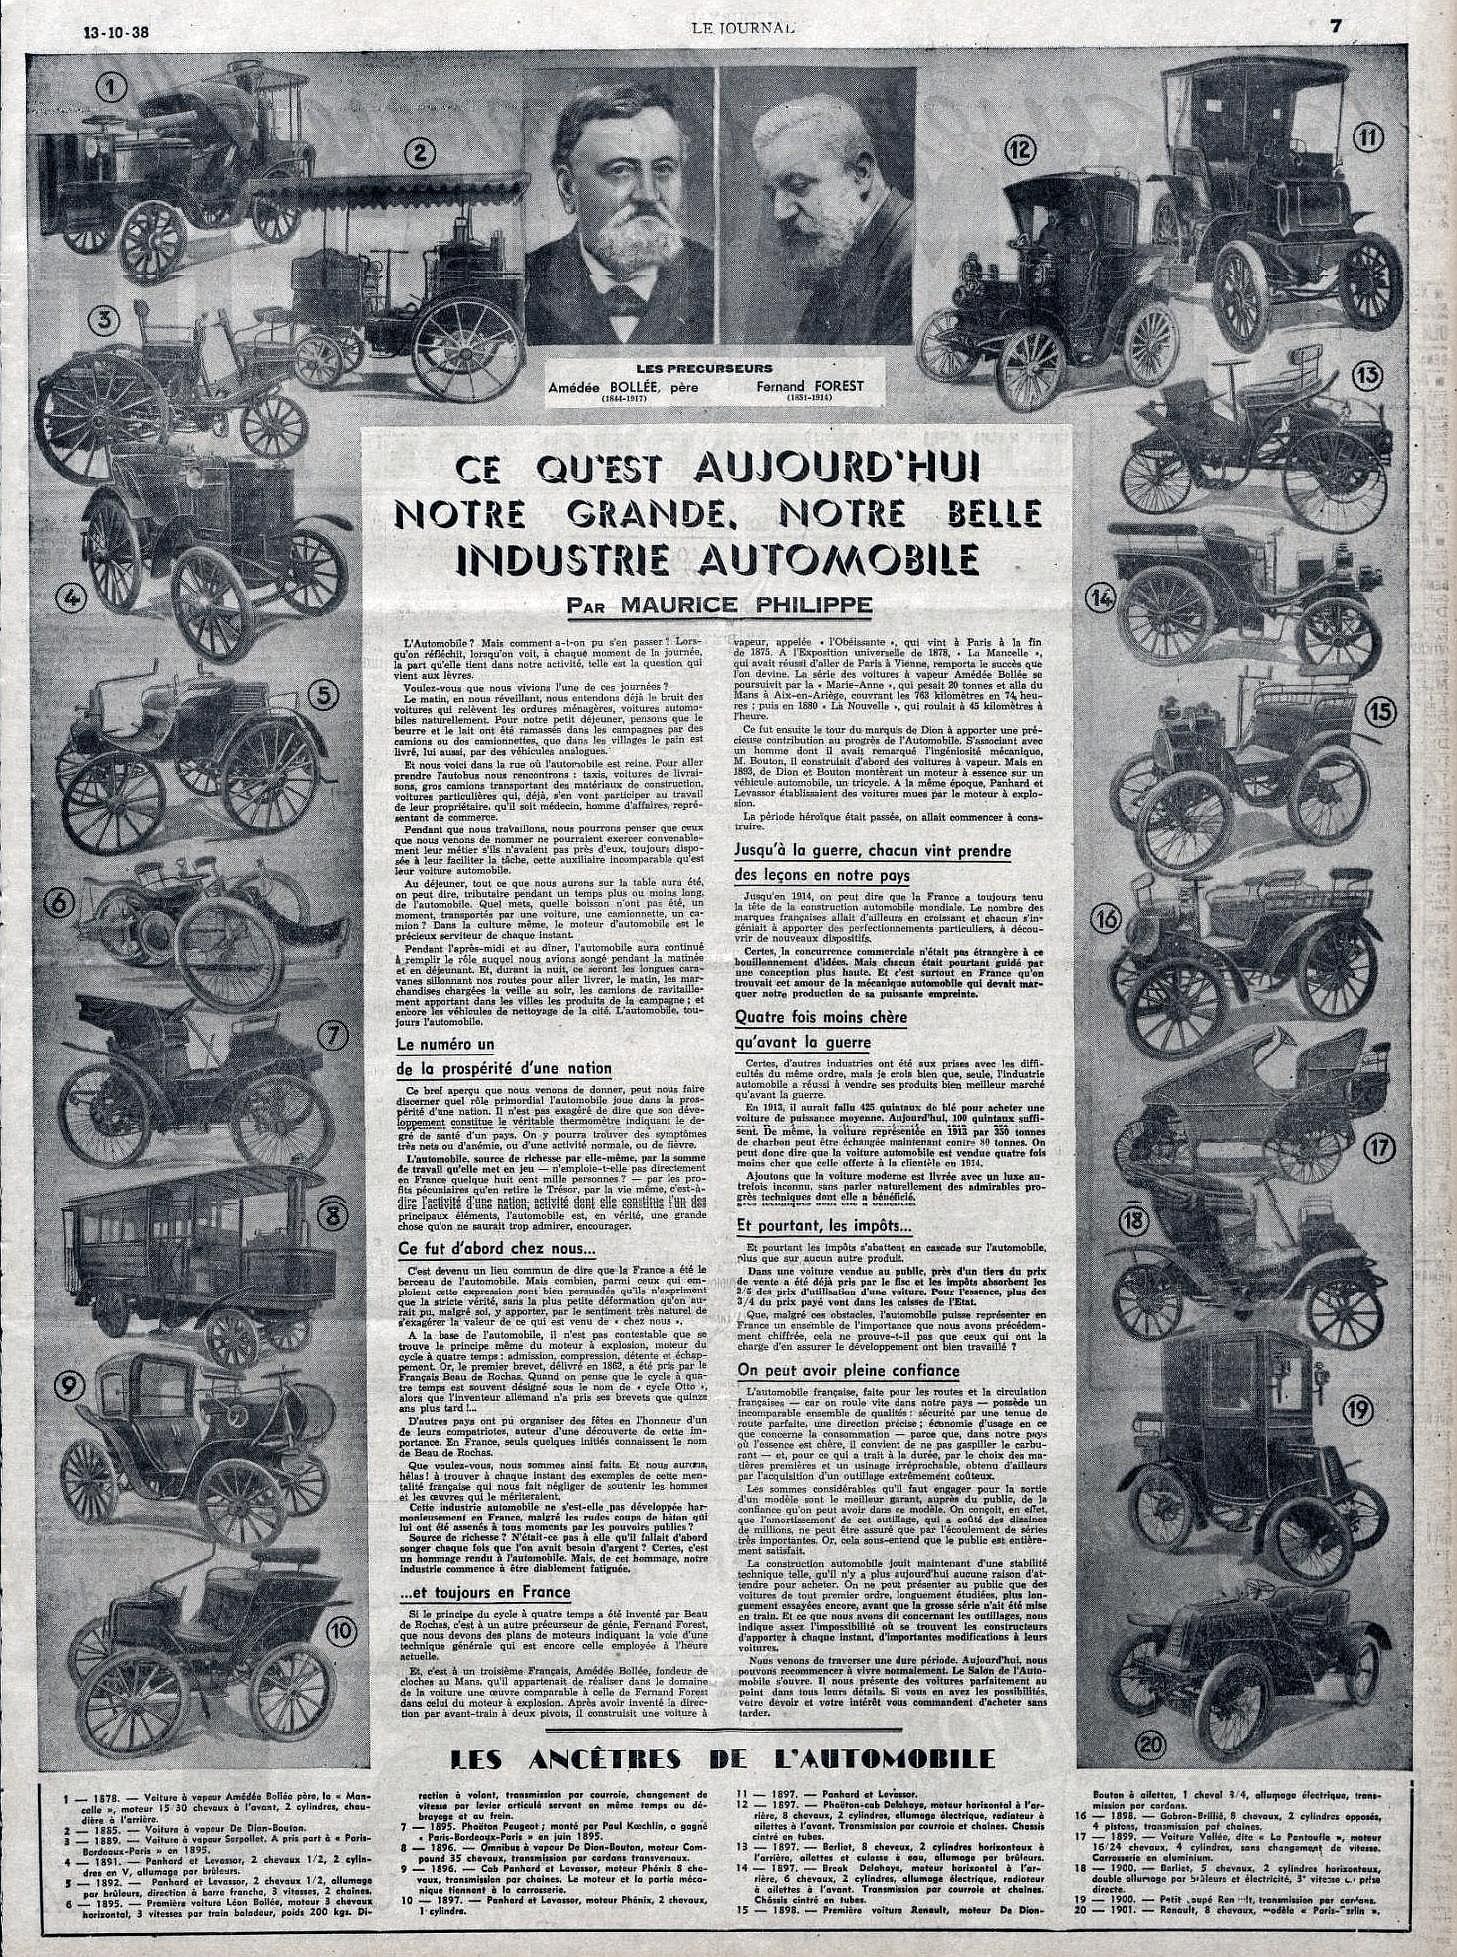 Histoire de l automobile Wikiwand